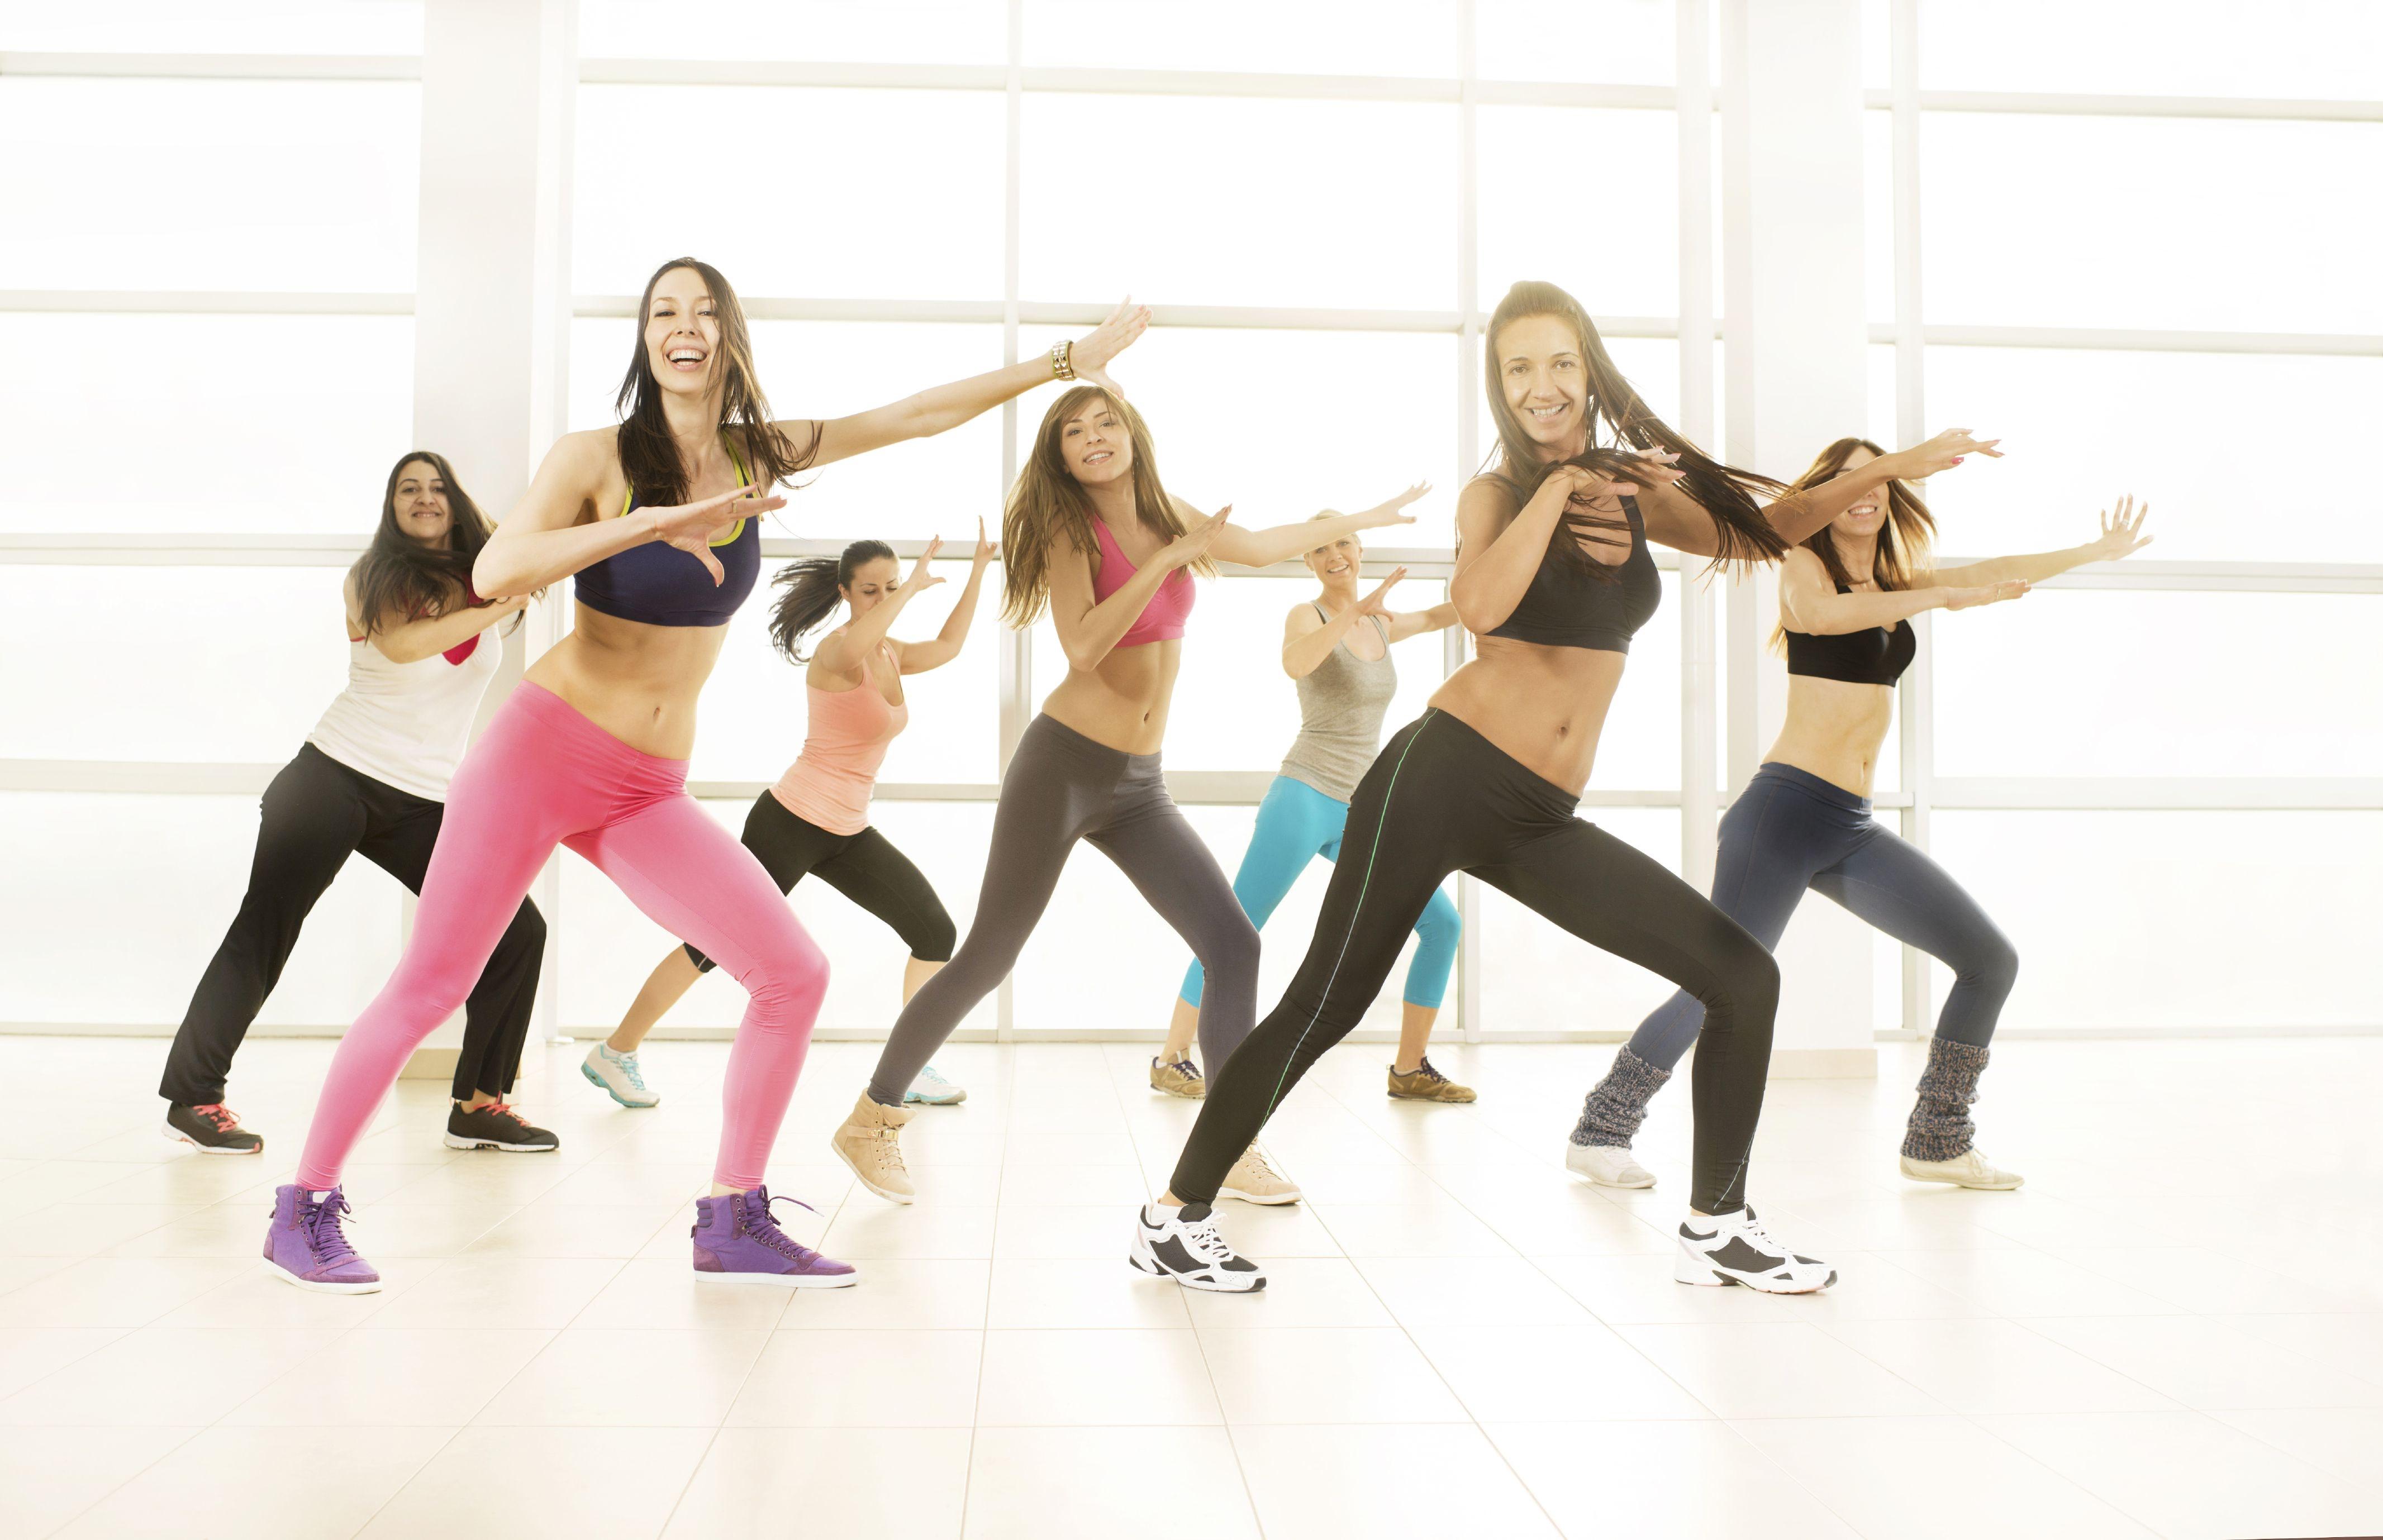 choreography apps - Ataum berglauf-verband com